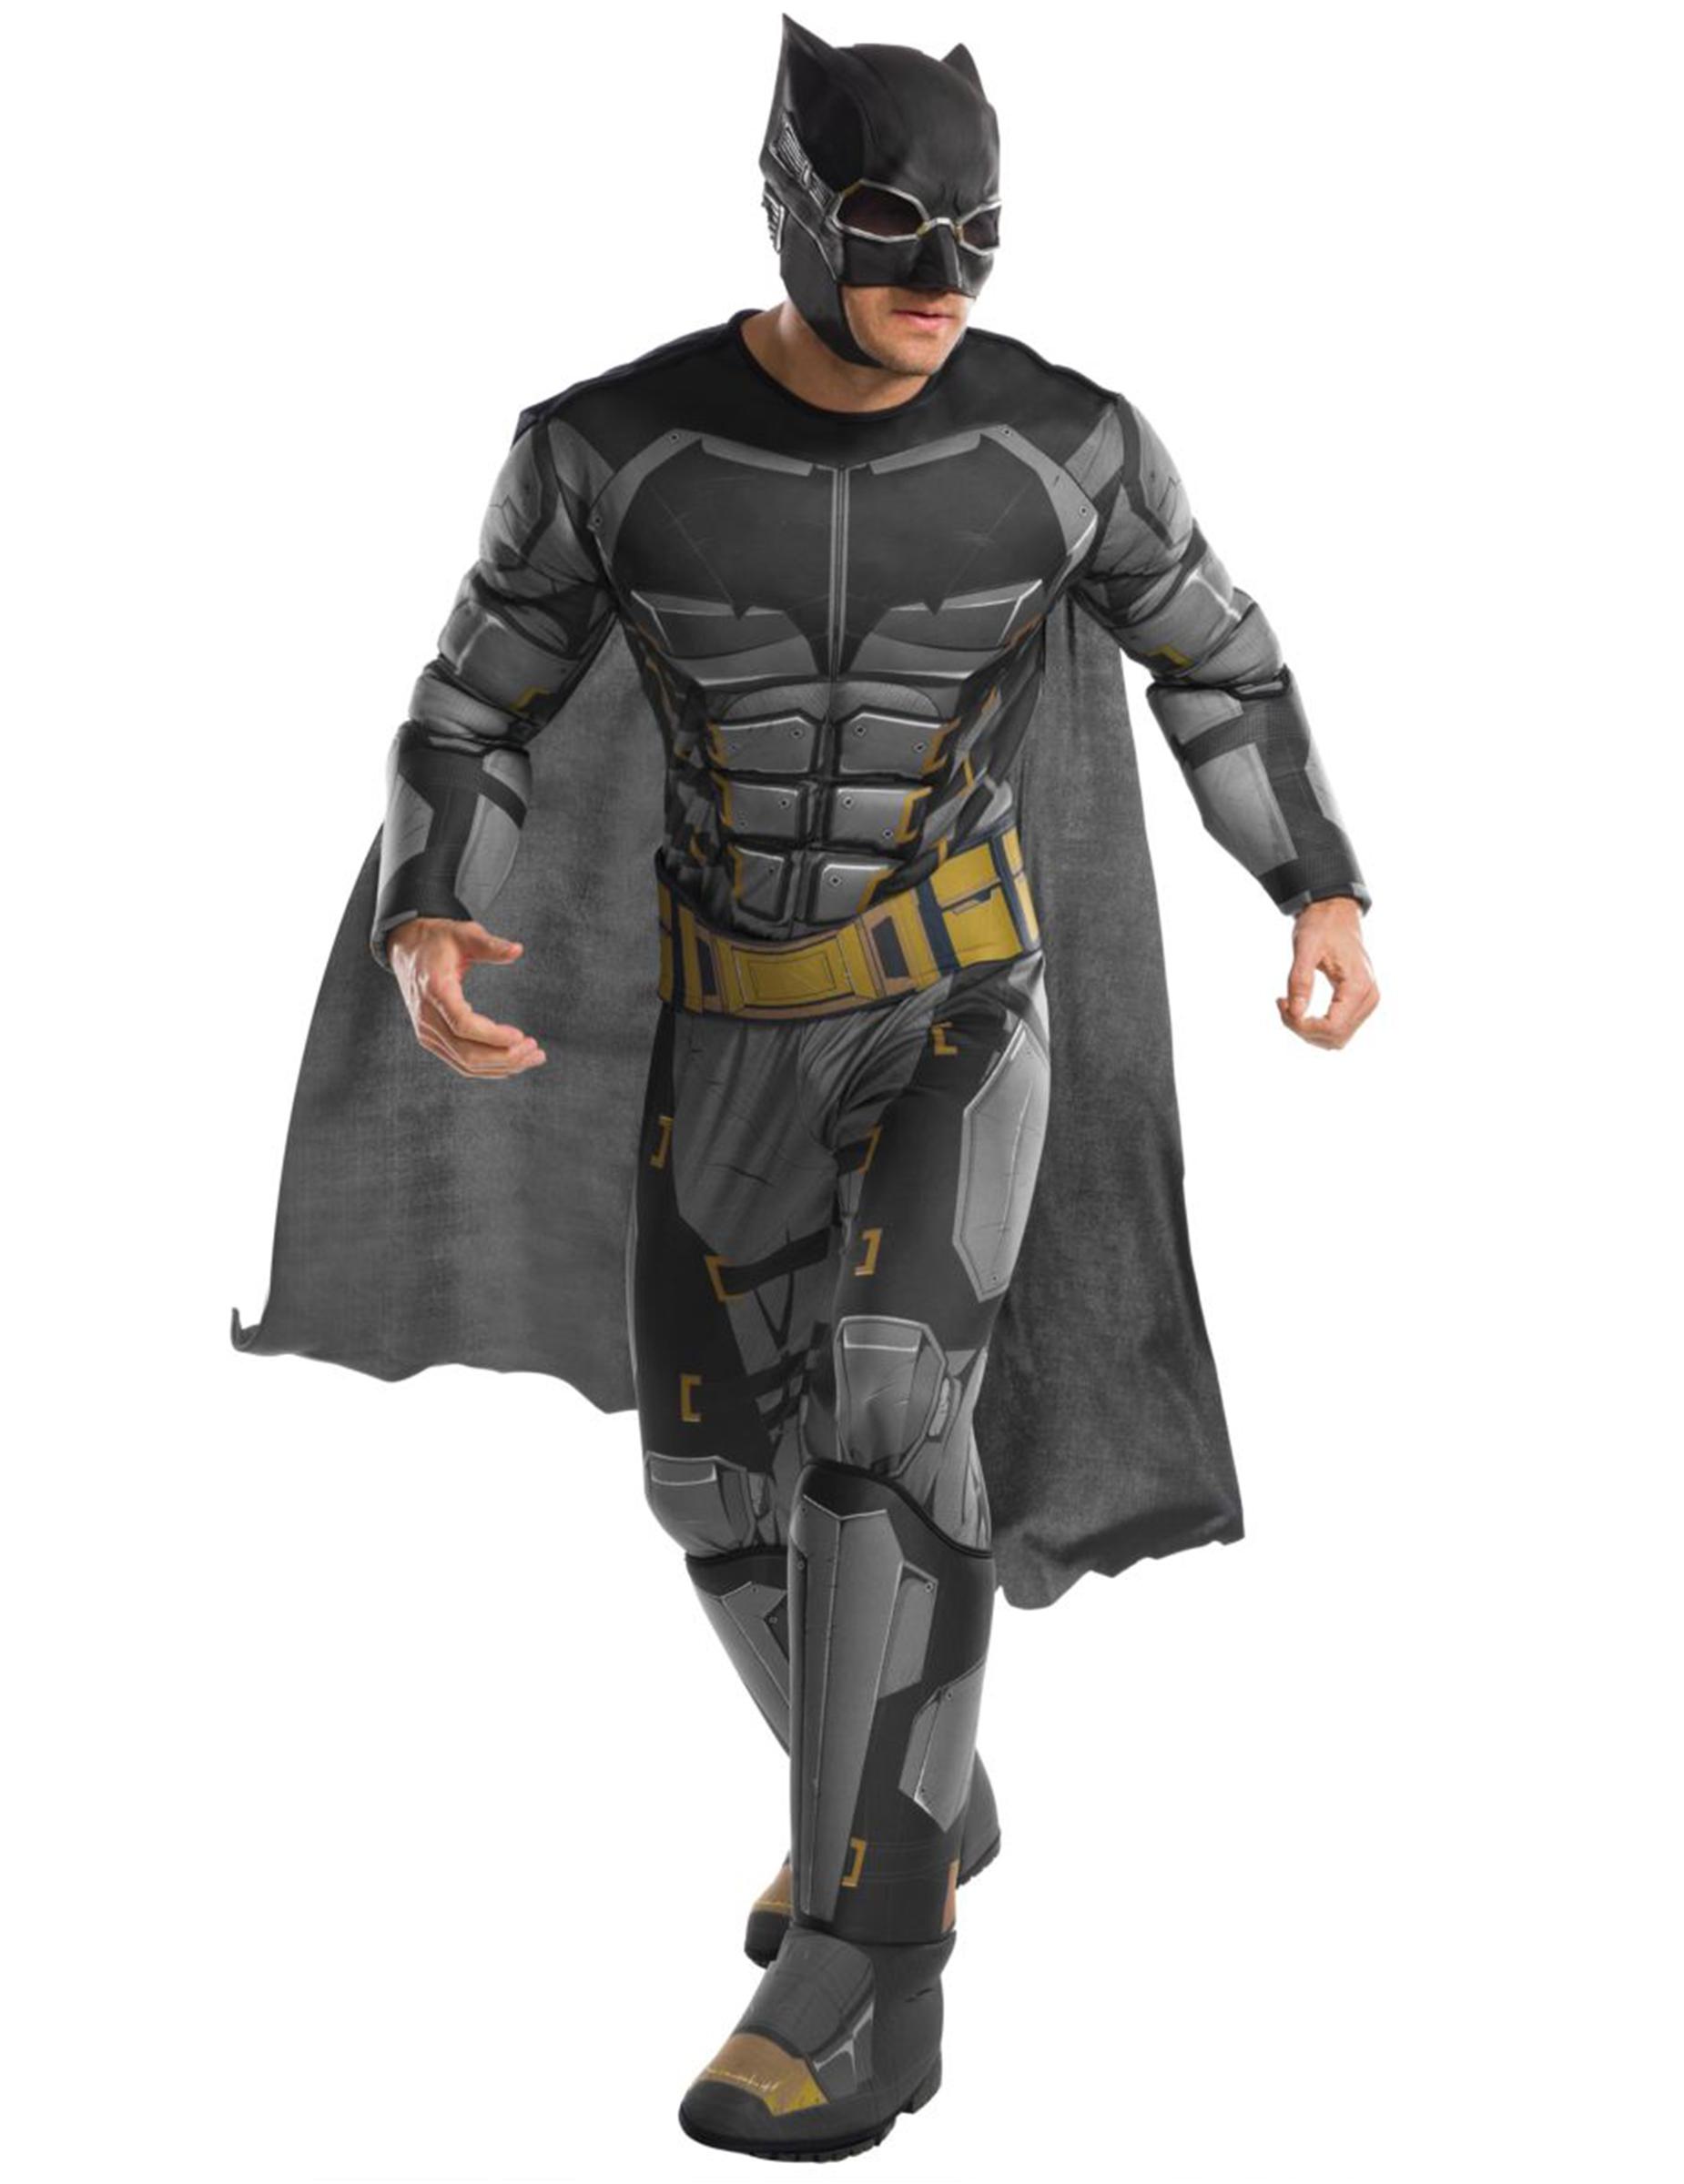 Déguisement deluxe tactical Batman Justice League™ adulte